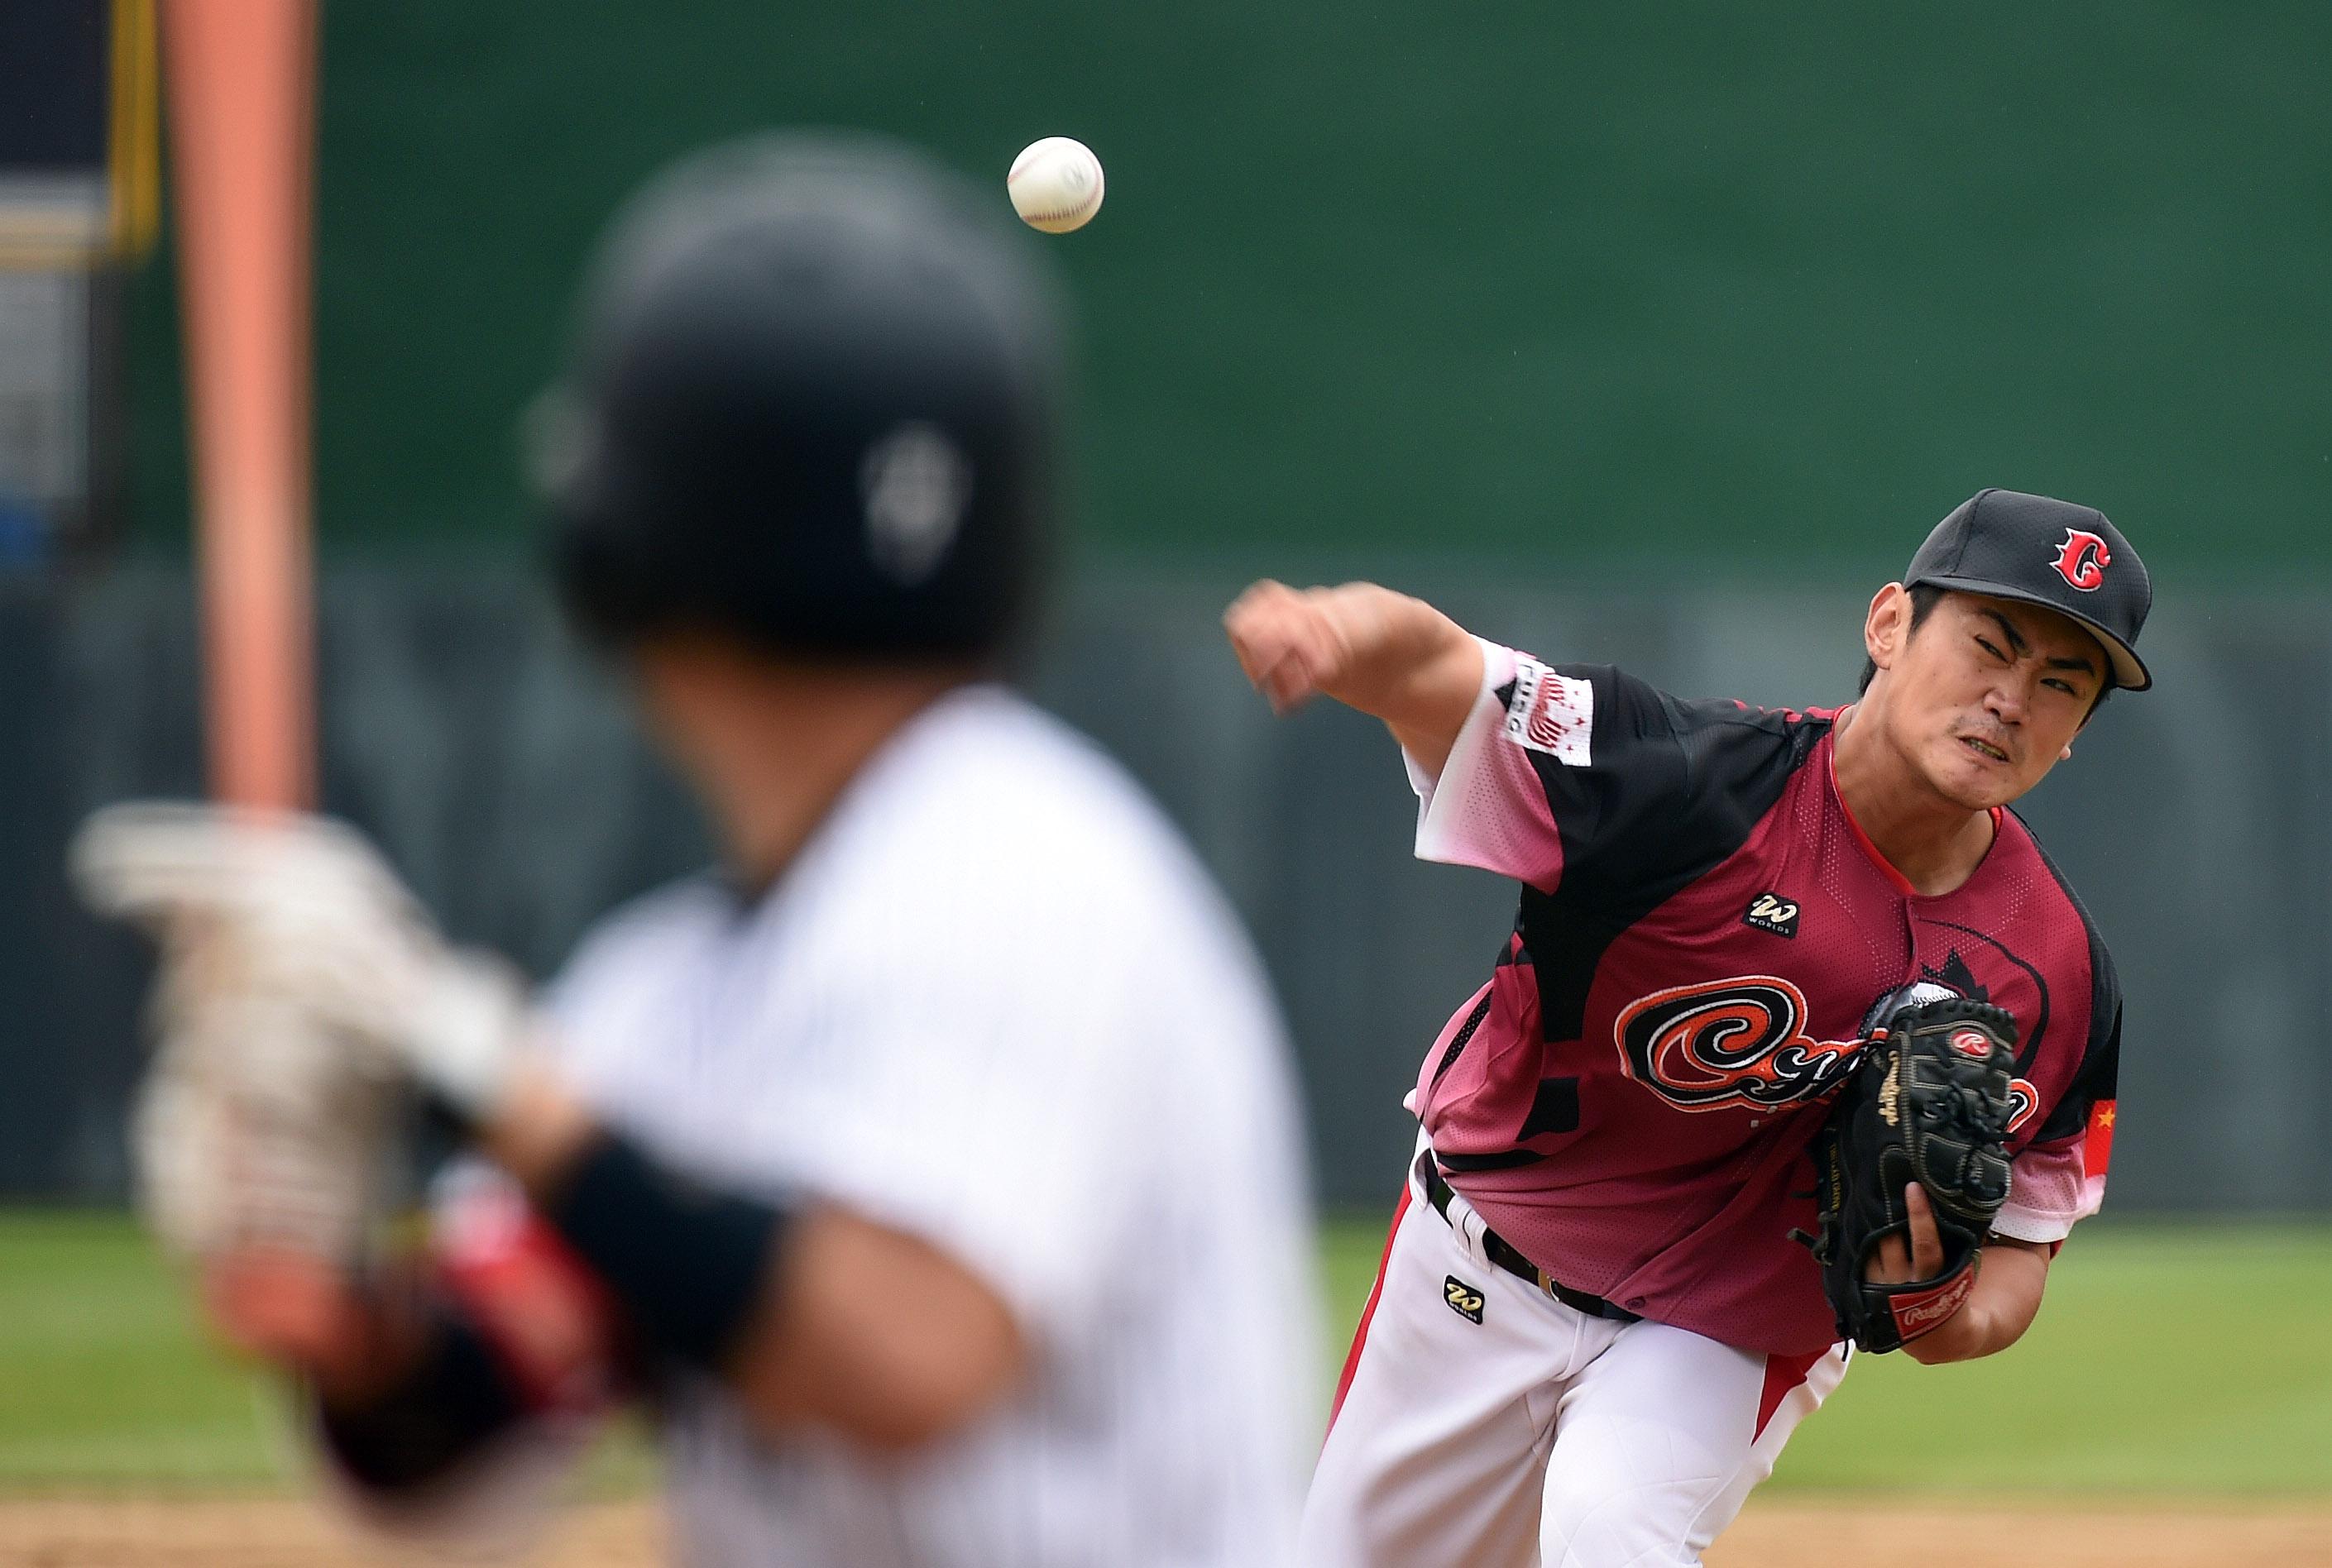 (锐视角)(1)棒球--大运会小组赛:中国队不敌日本队-新闻频道-和讯网